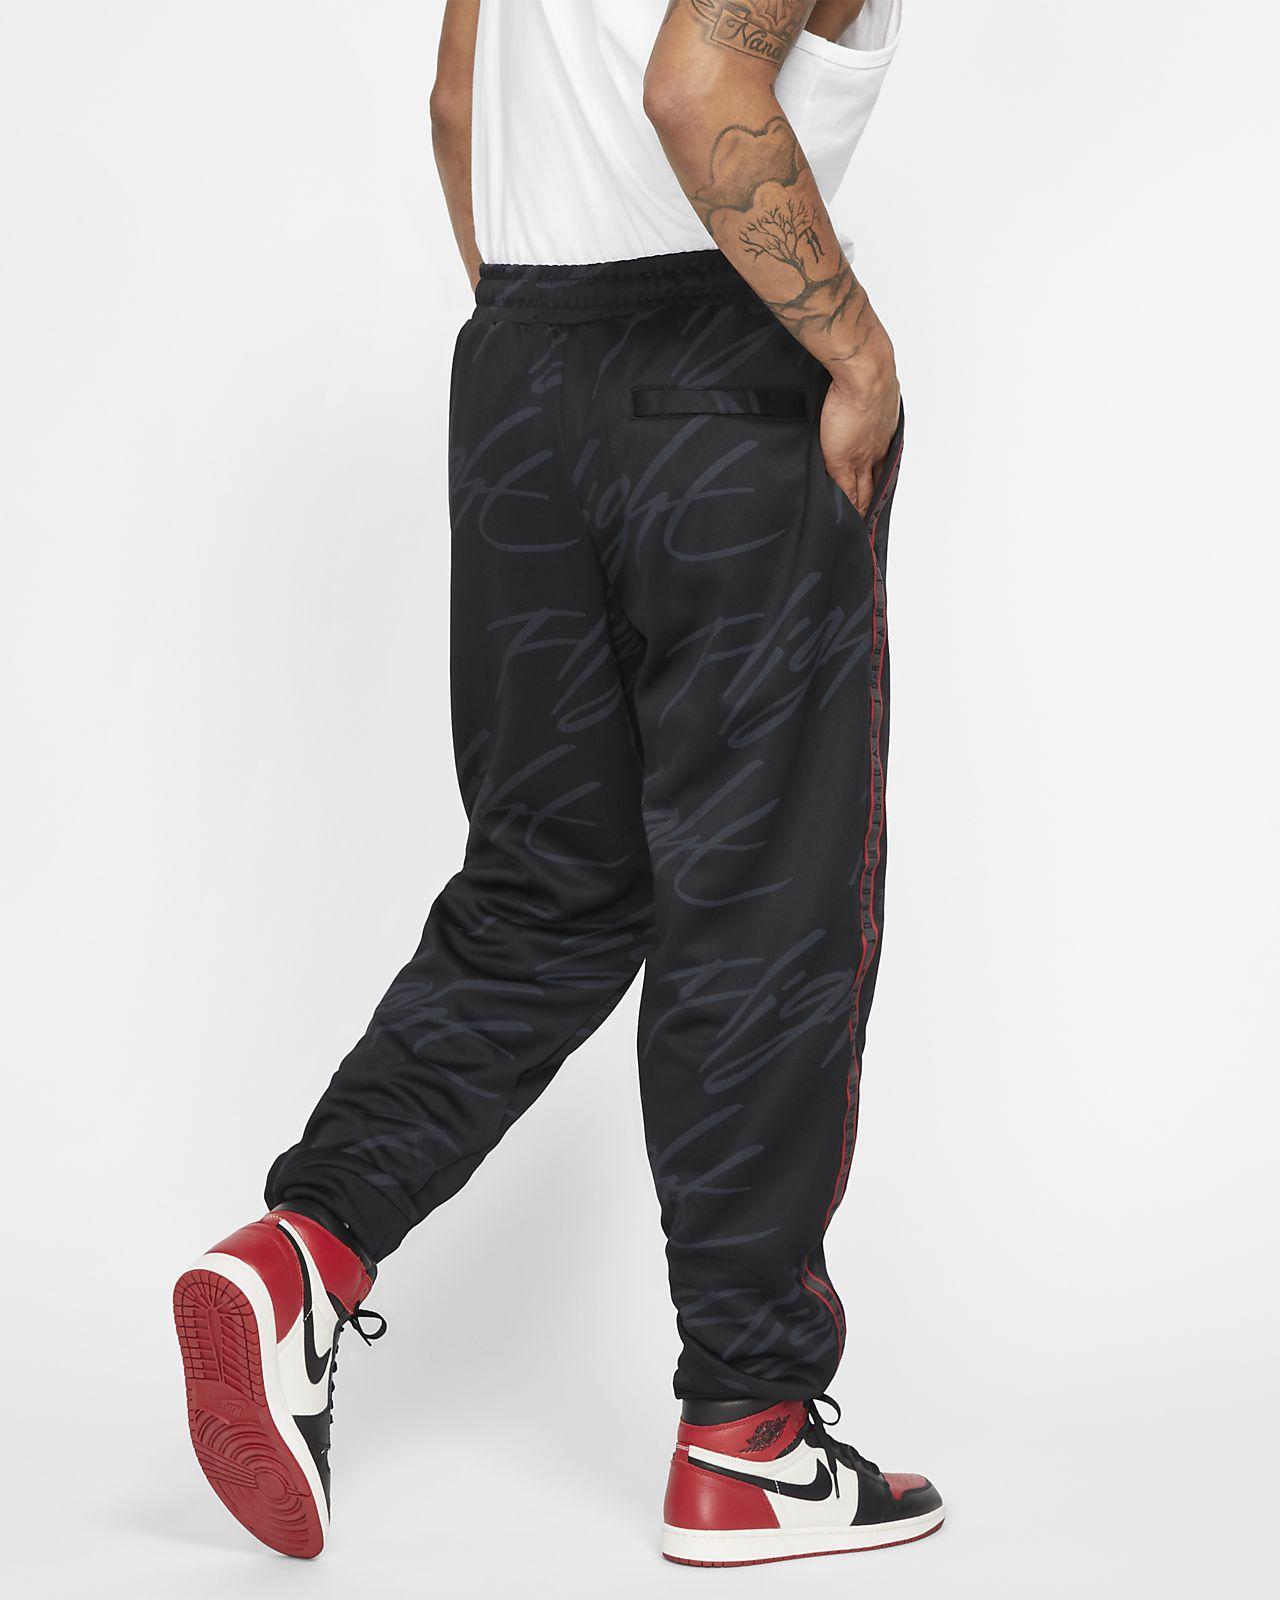 50904163a6c Low Resolution Jordan Jumpman Tricot Graphic Pants Jordan Jumpman Tricot  Graphic Pants